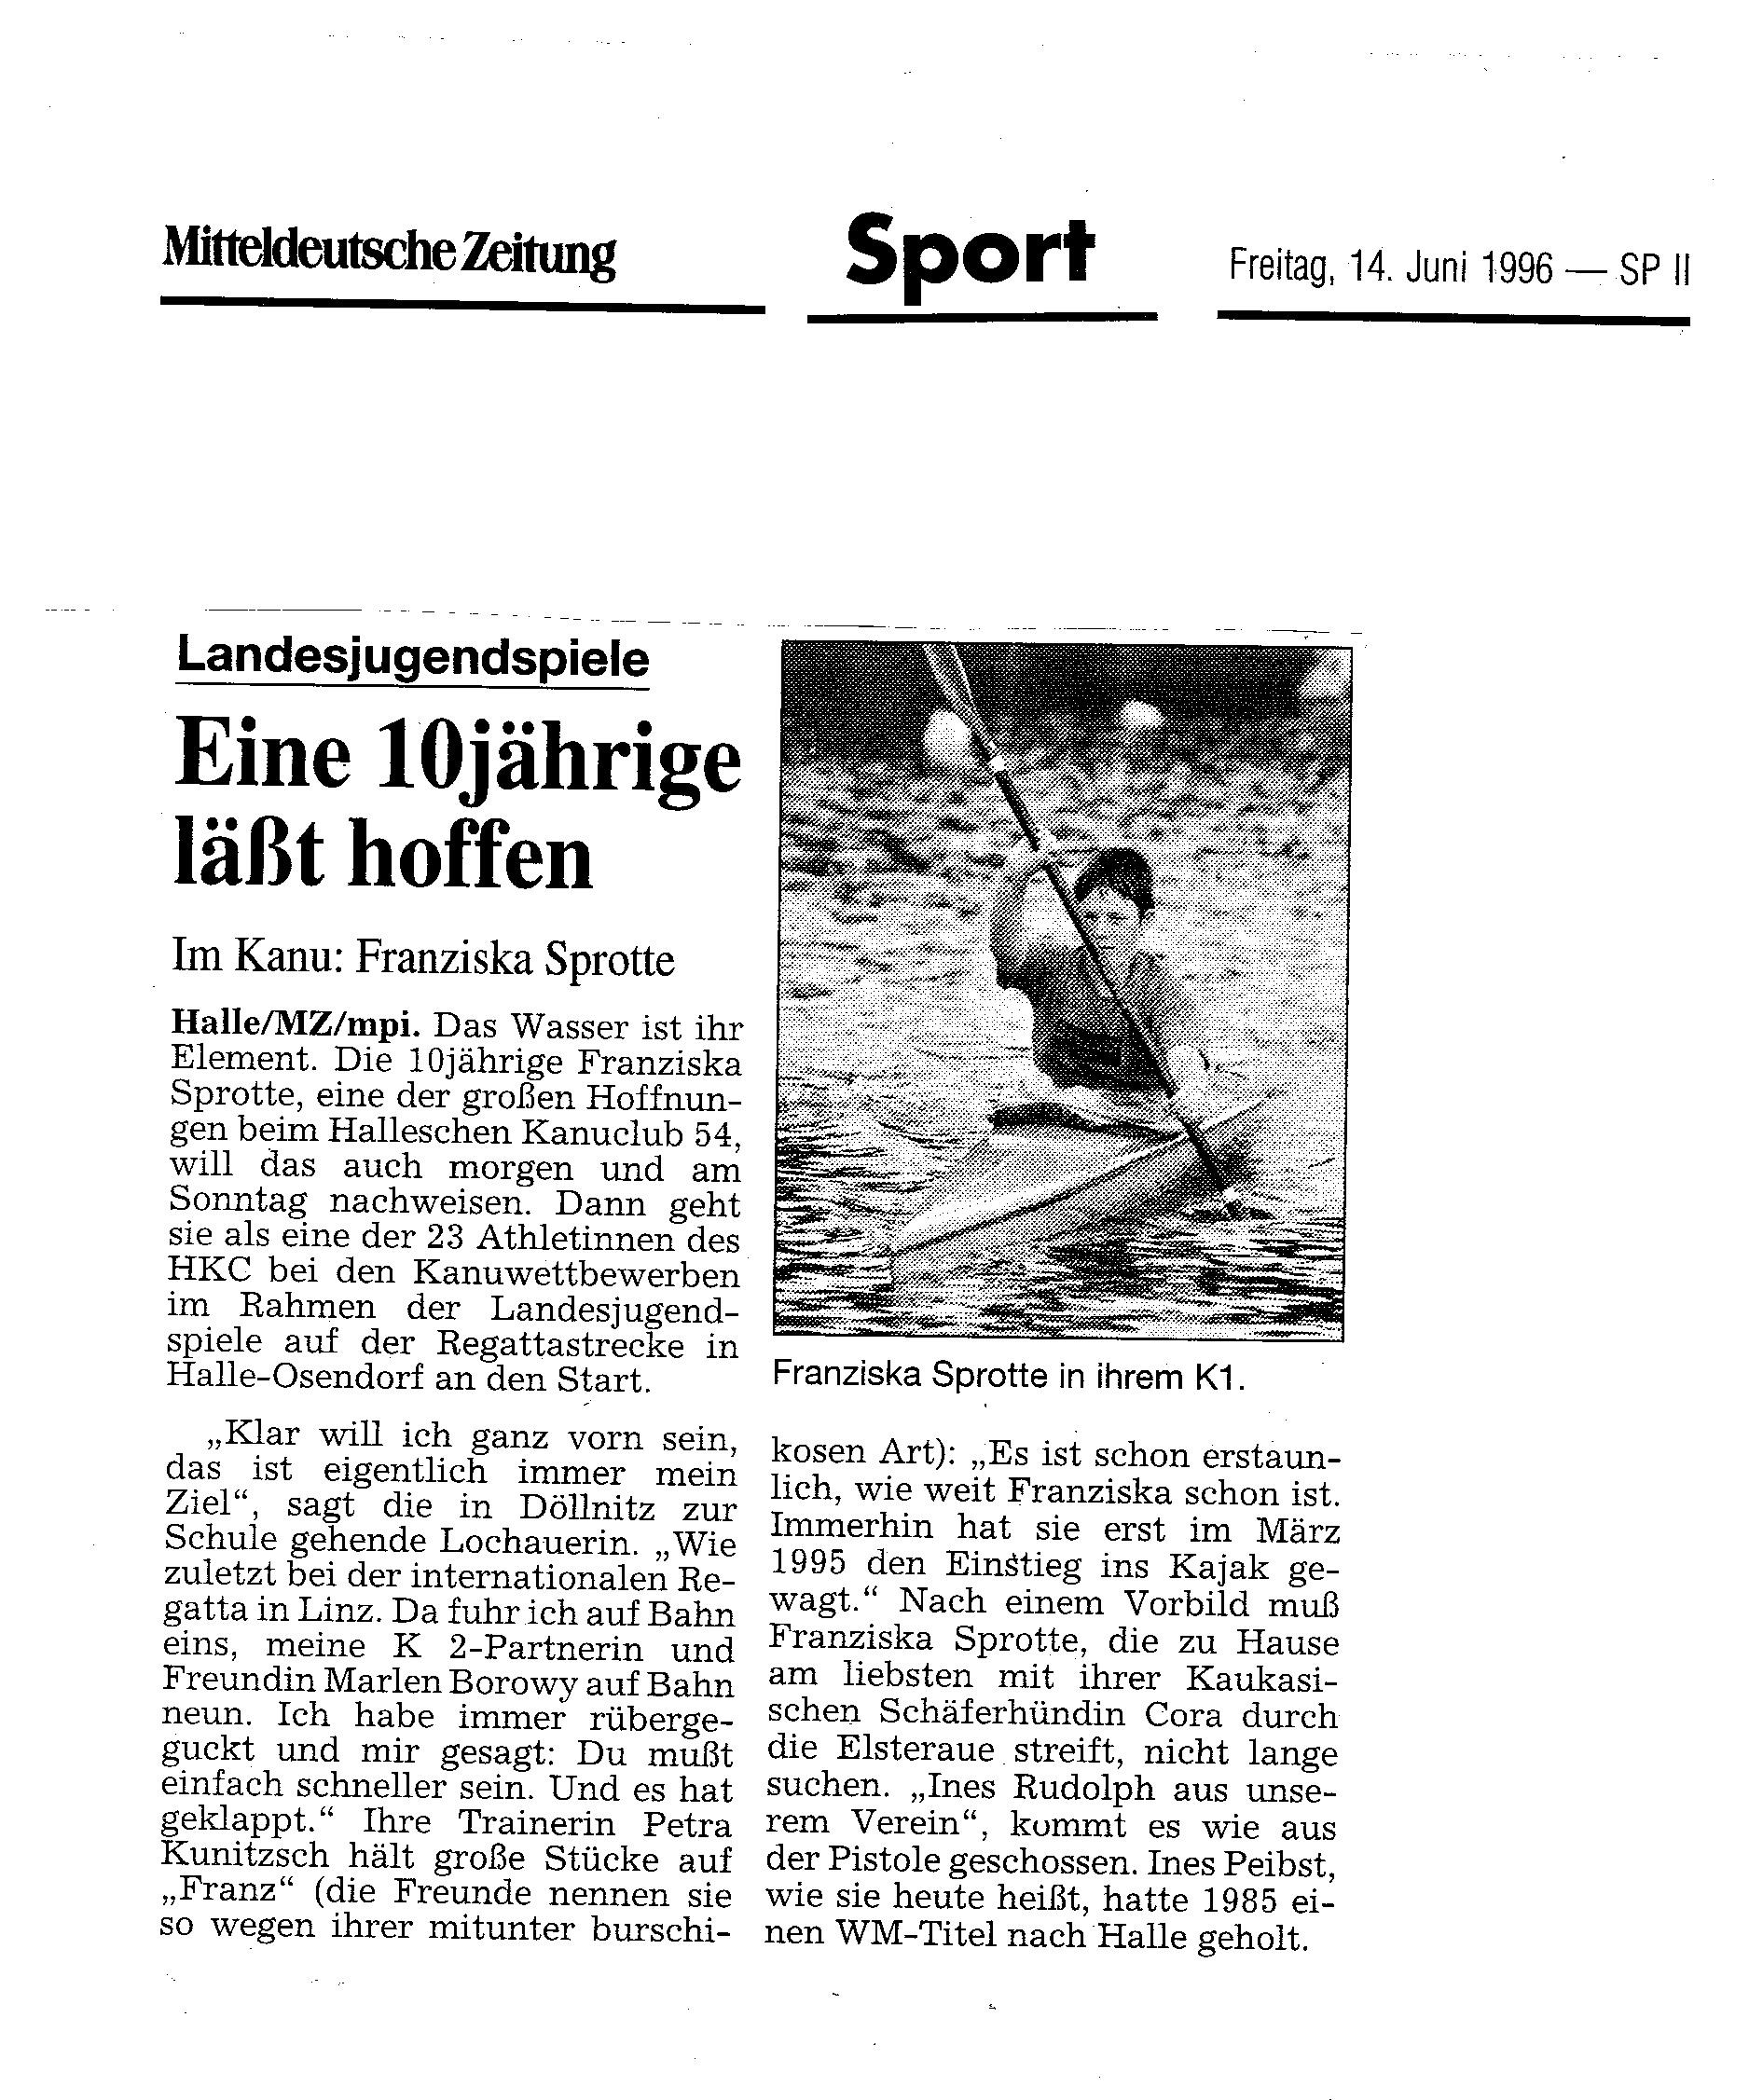 1996-06-4 MZ Eine 10jährige läst hoffen